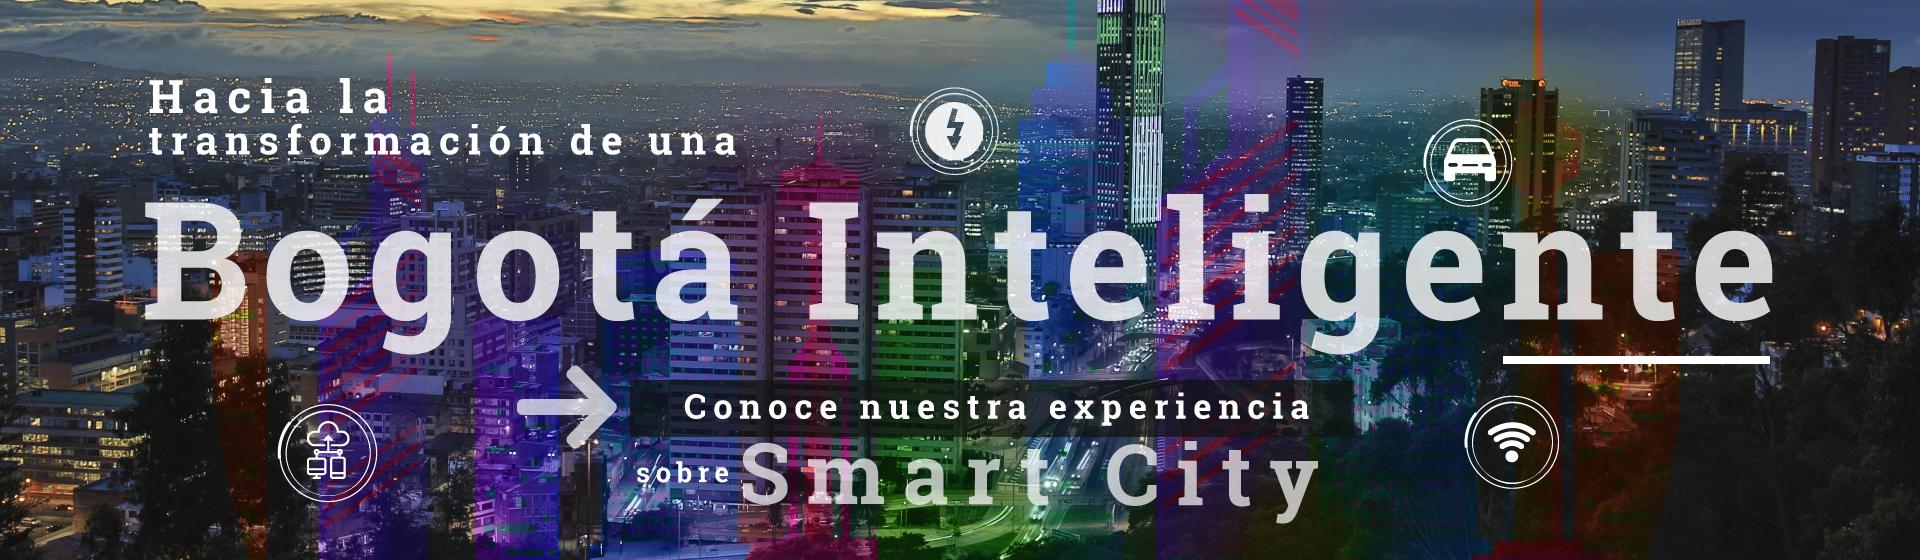 Hacia la transformación de una Bogotá Inteligente.